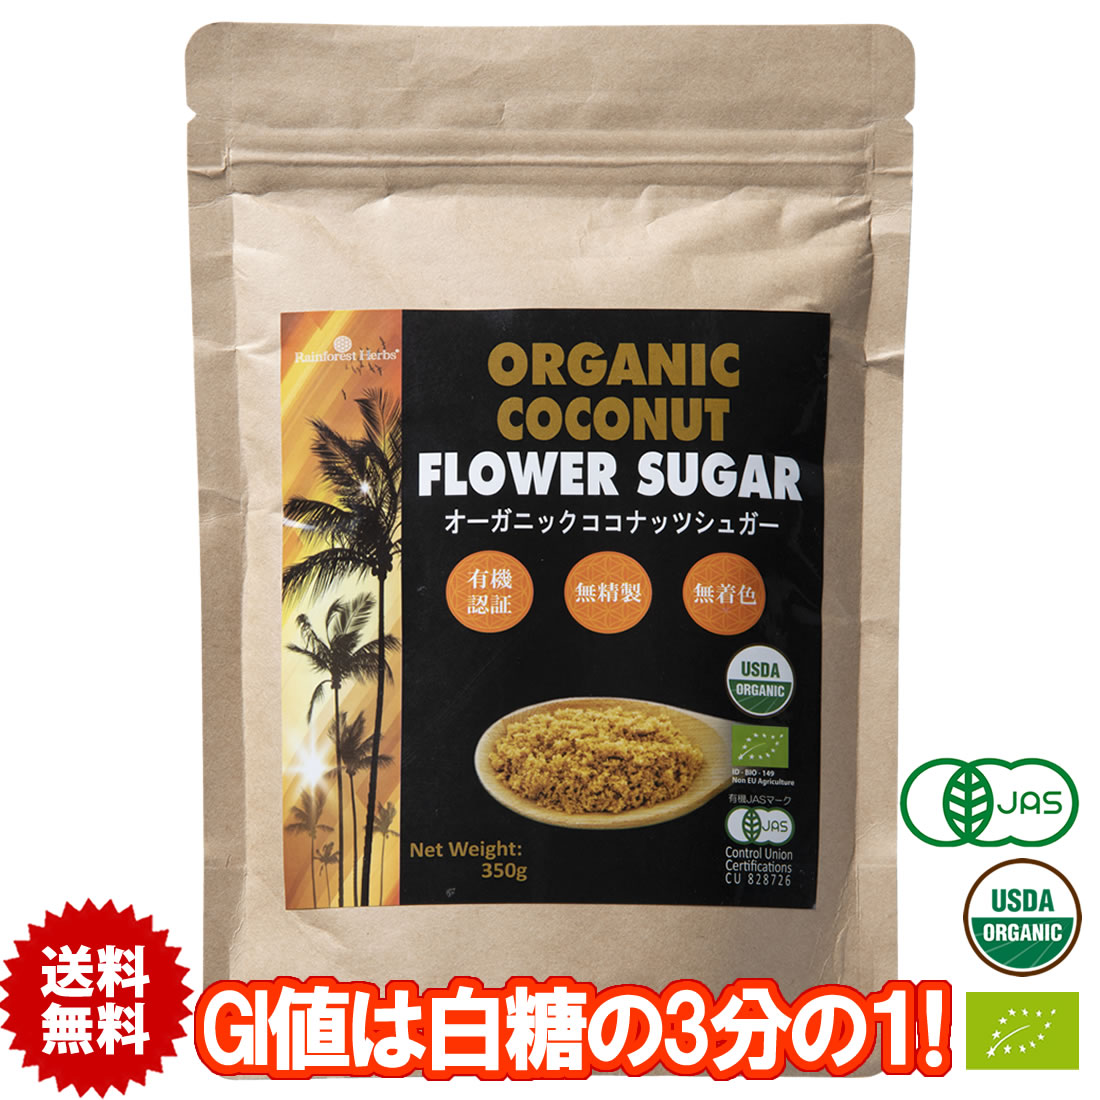 有機JASオーガニック ココナッツシュガー 350g 1袋 低GI食品 低糖質 糖質は白砂糖の3分の1 1000円ポッキリ!メール便送料無料 Organic coconut sugar